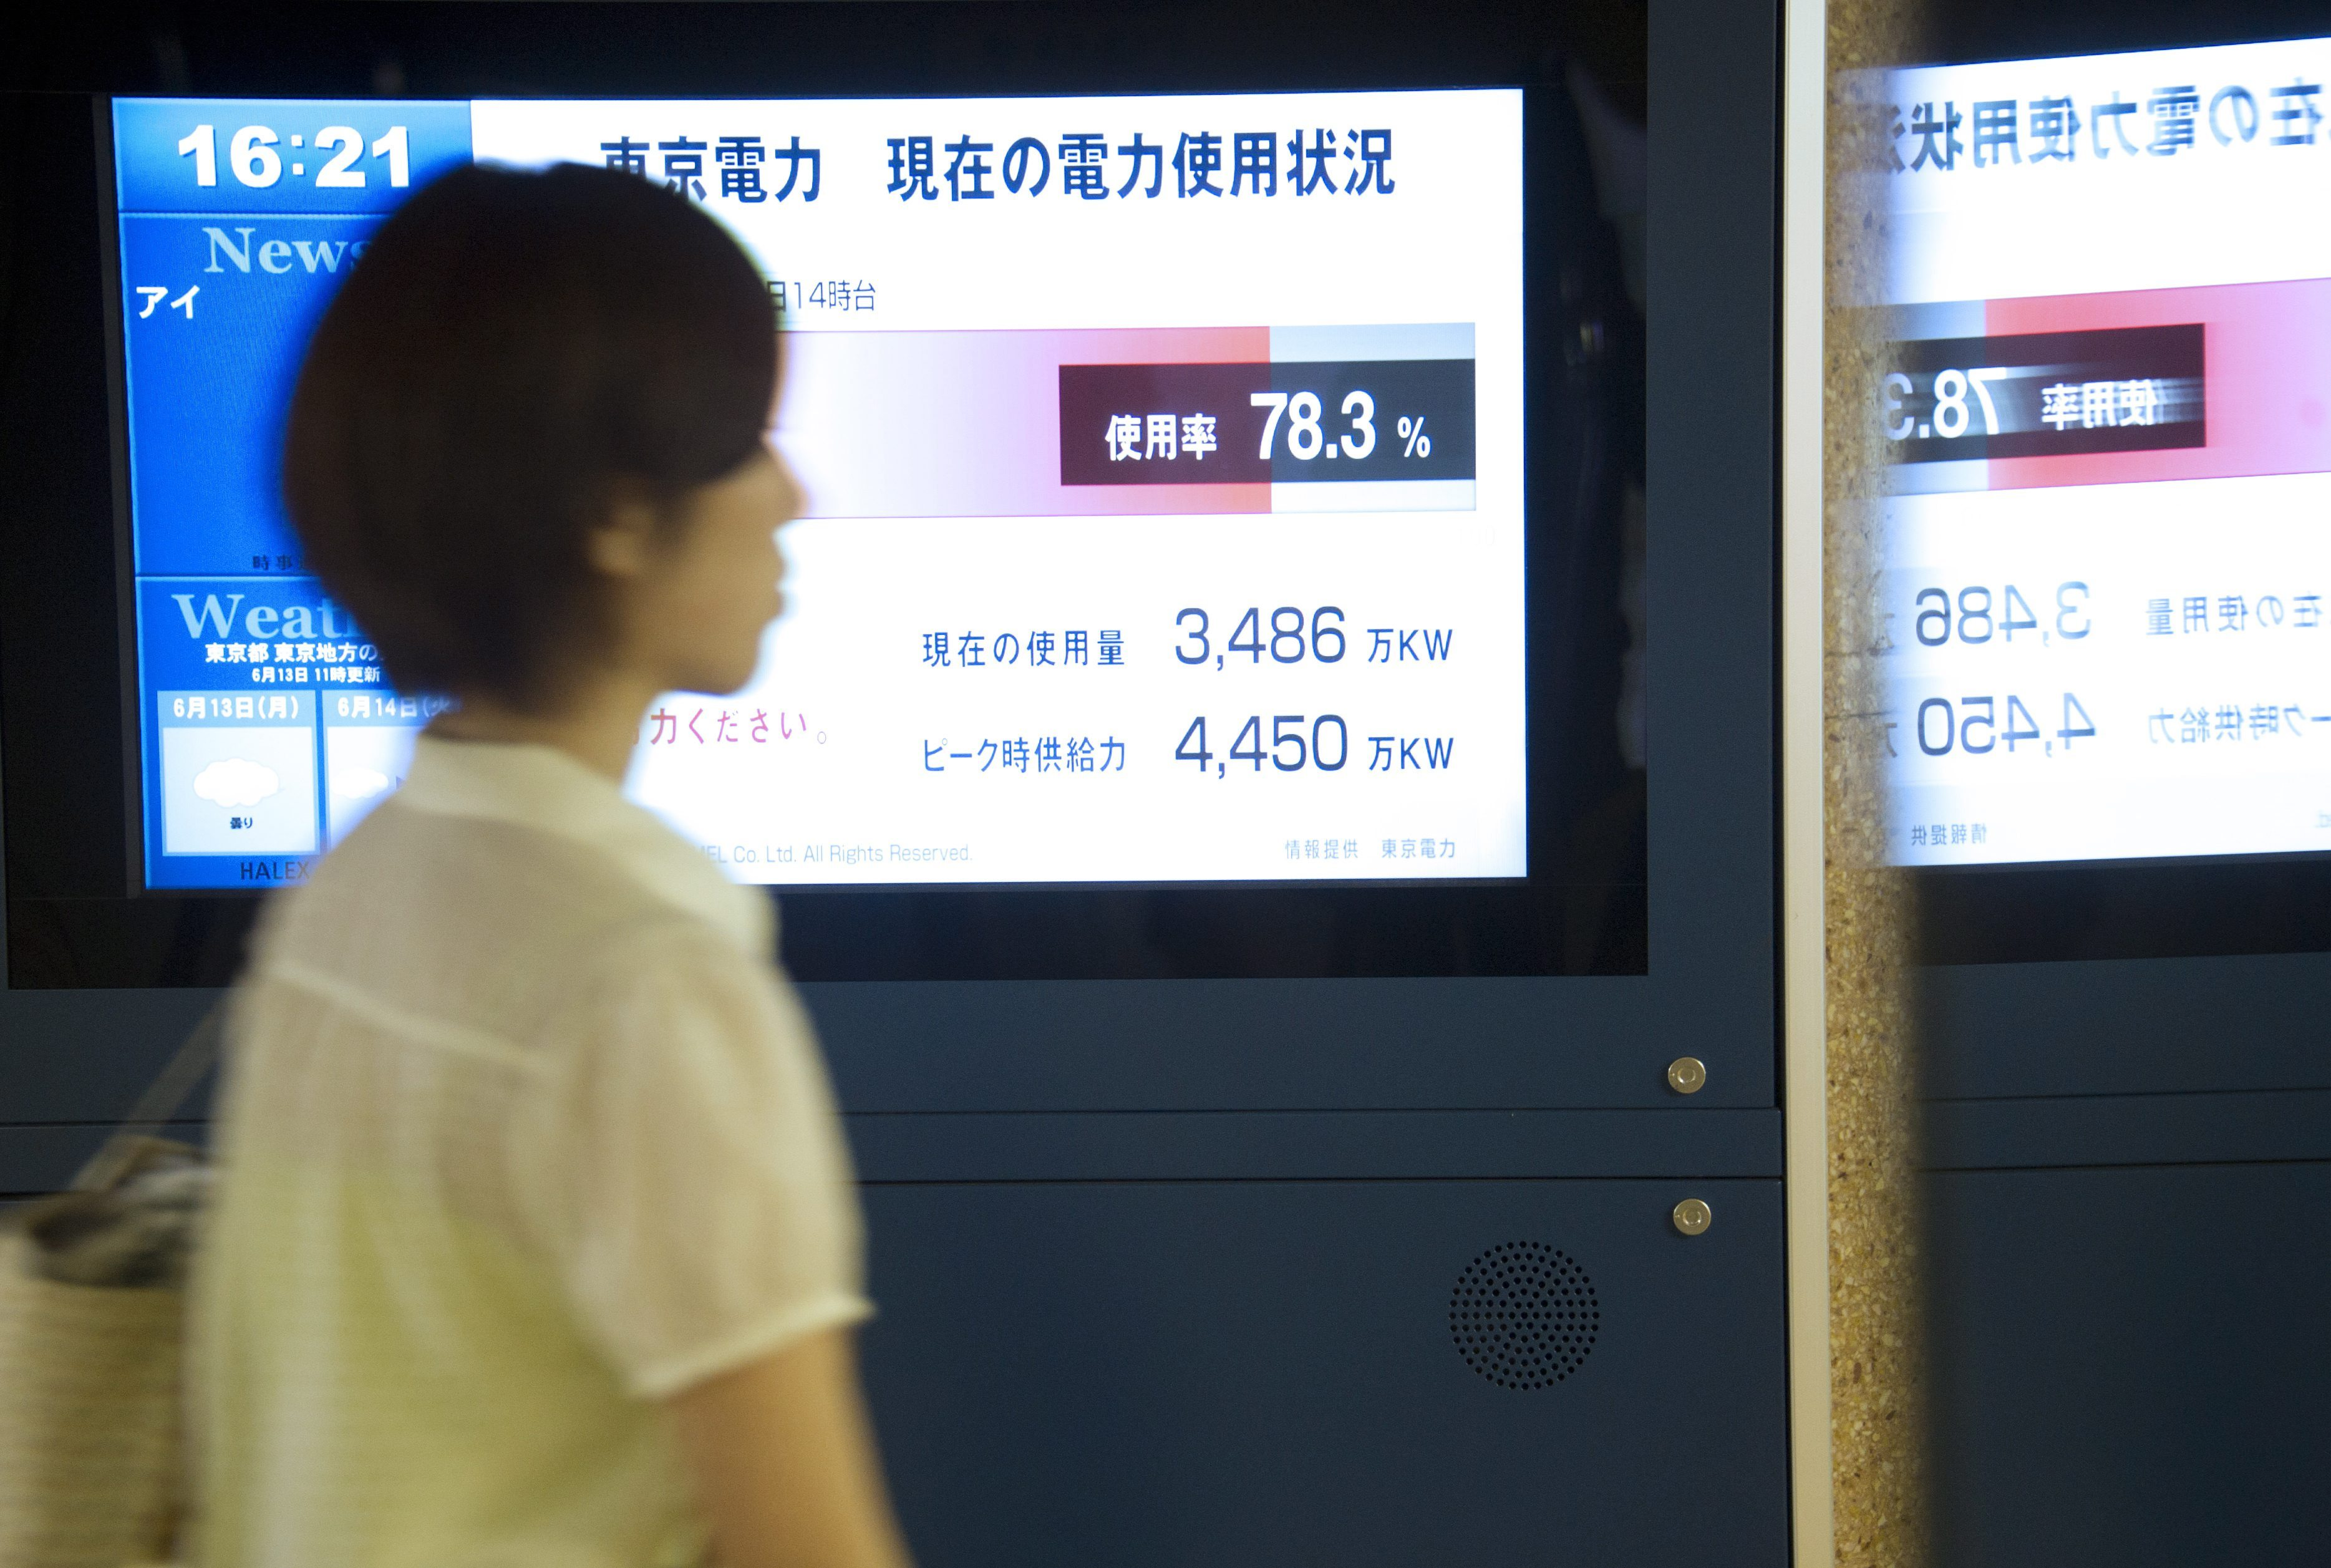 Japón repite la campaña estival de ahorro eléctrico 2 años después de Fukushima